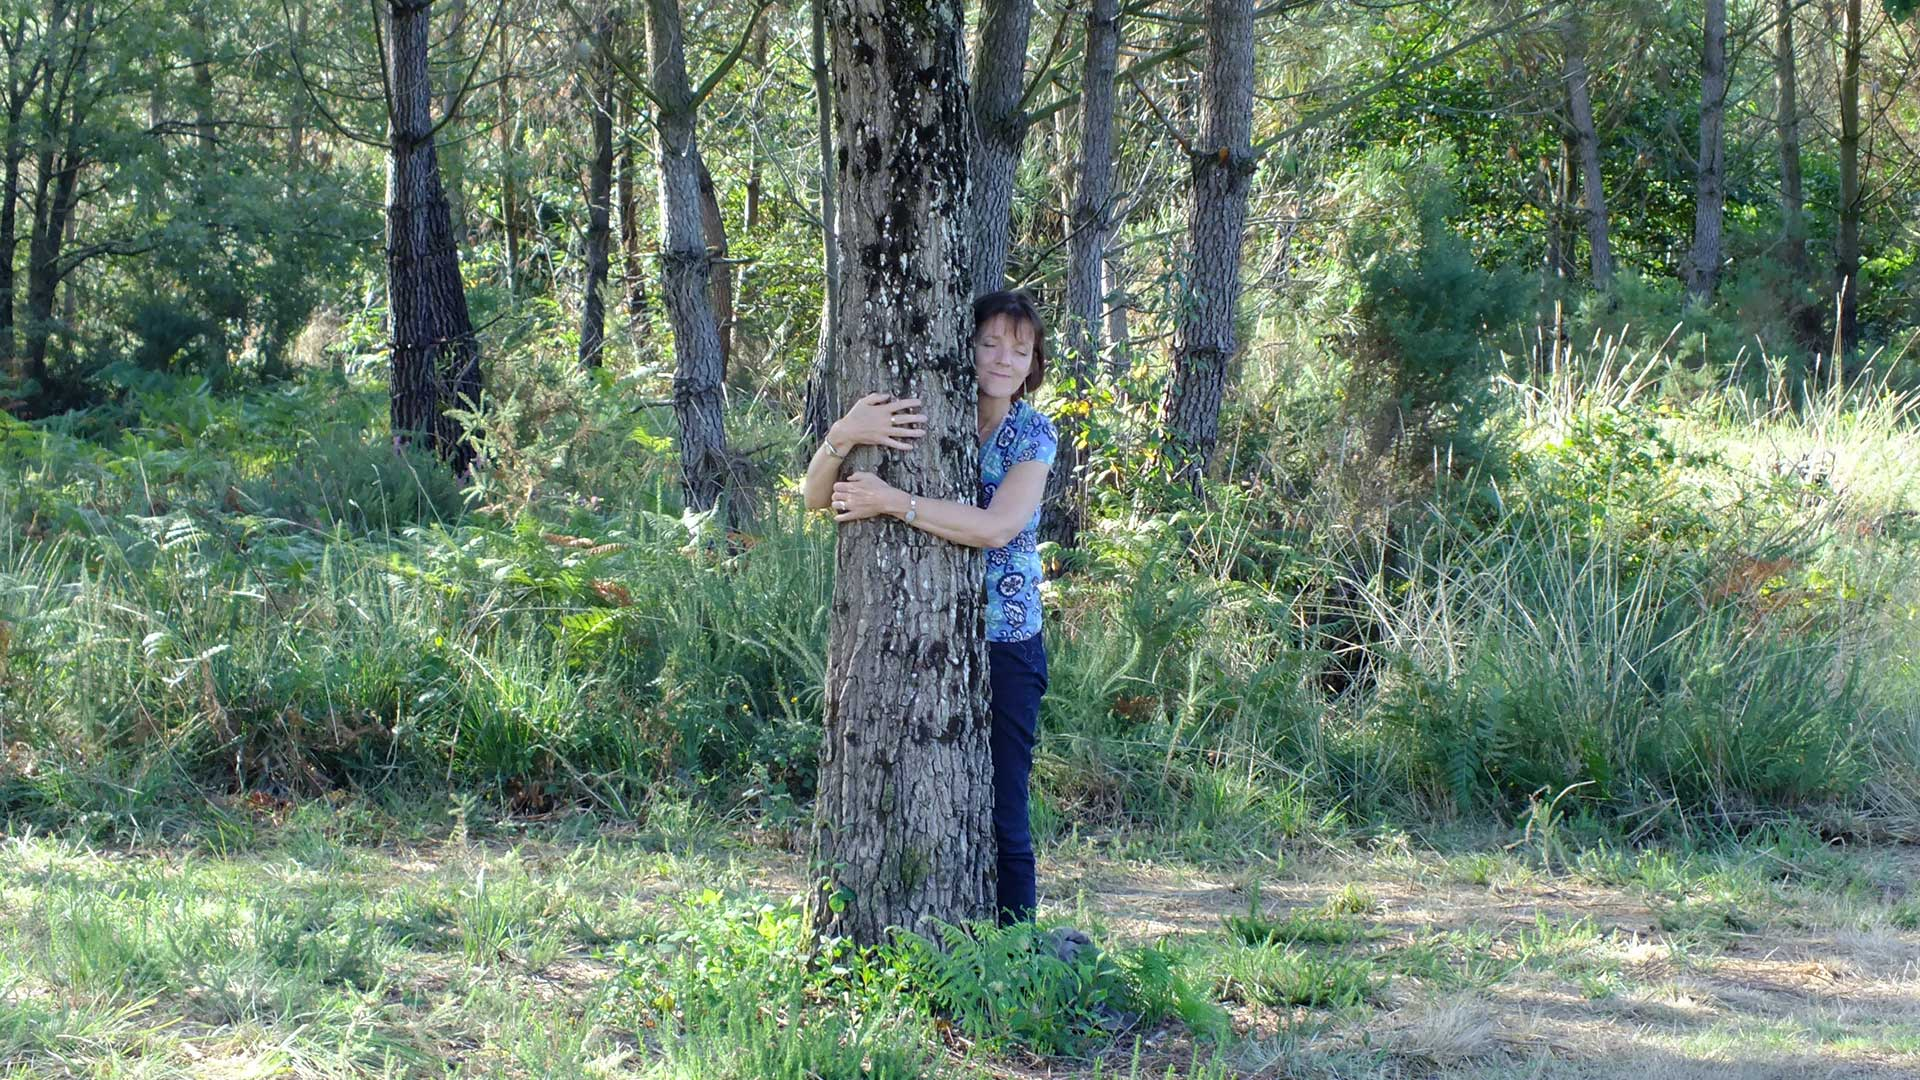 sara estelle tree hug image